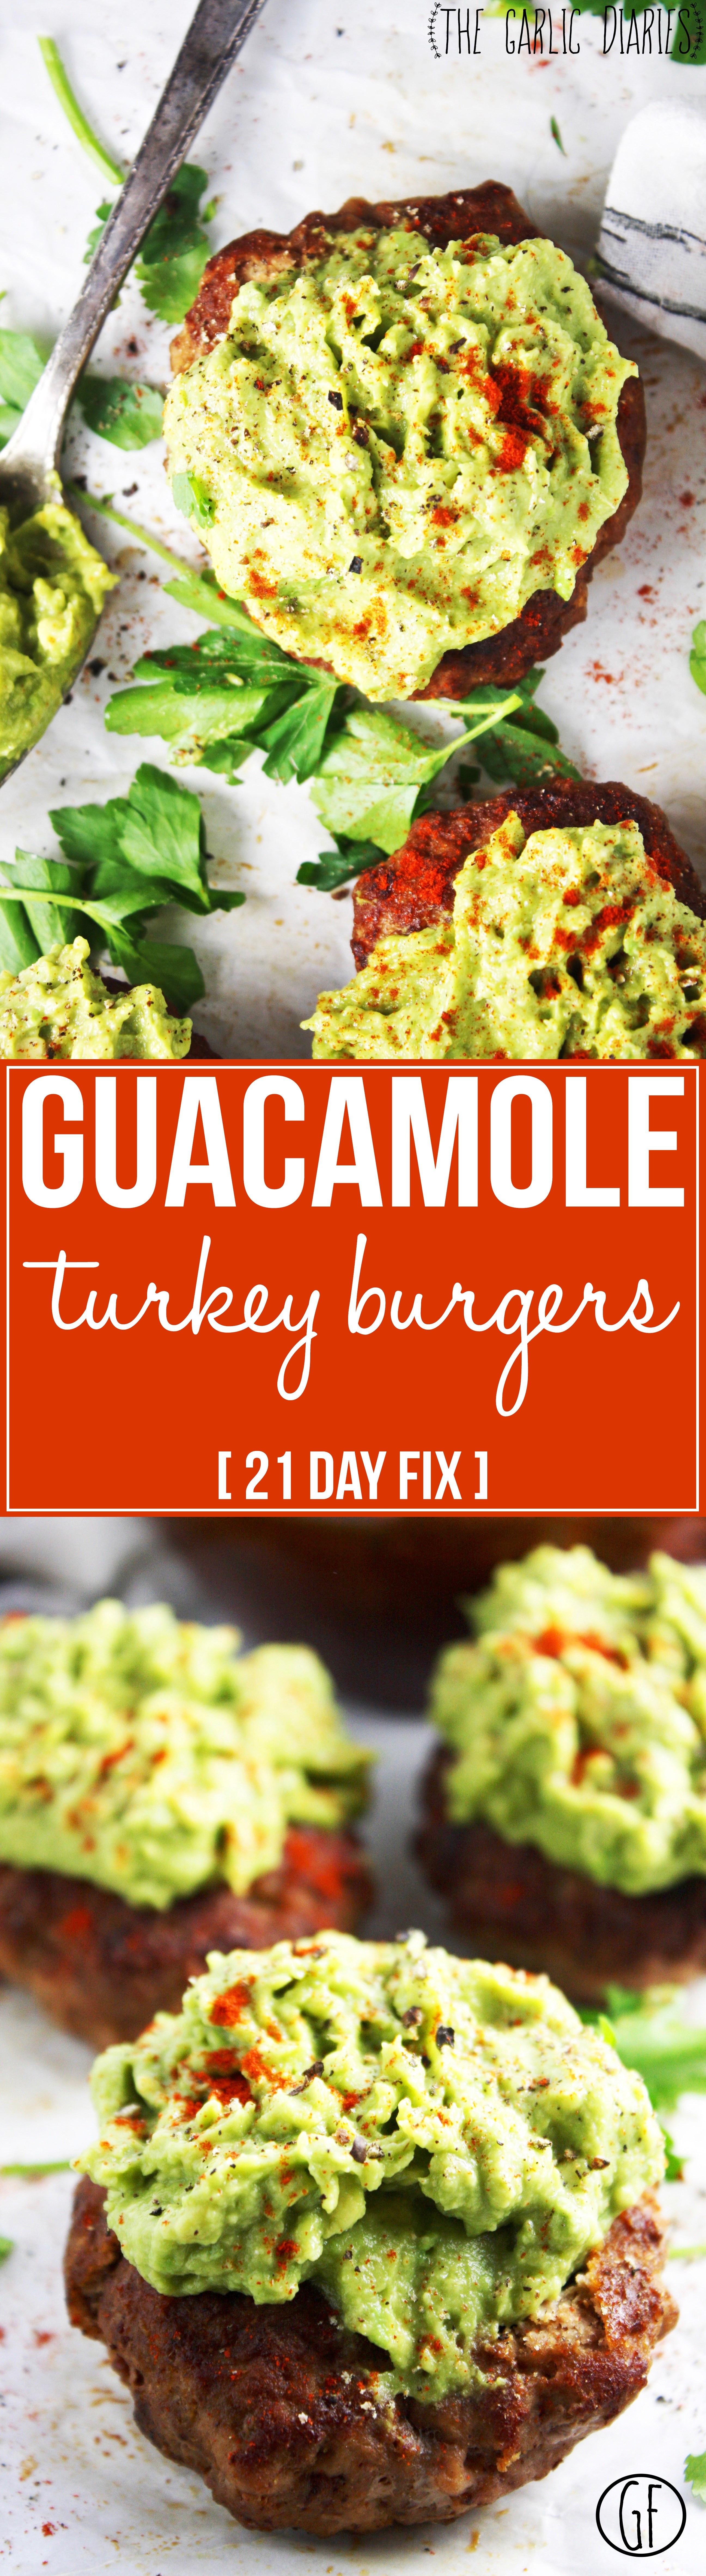 Healthy Guacamole Meals  Guacamole Turkey Burgers [21 Day Fix]